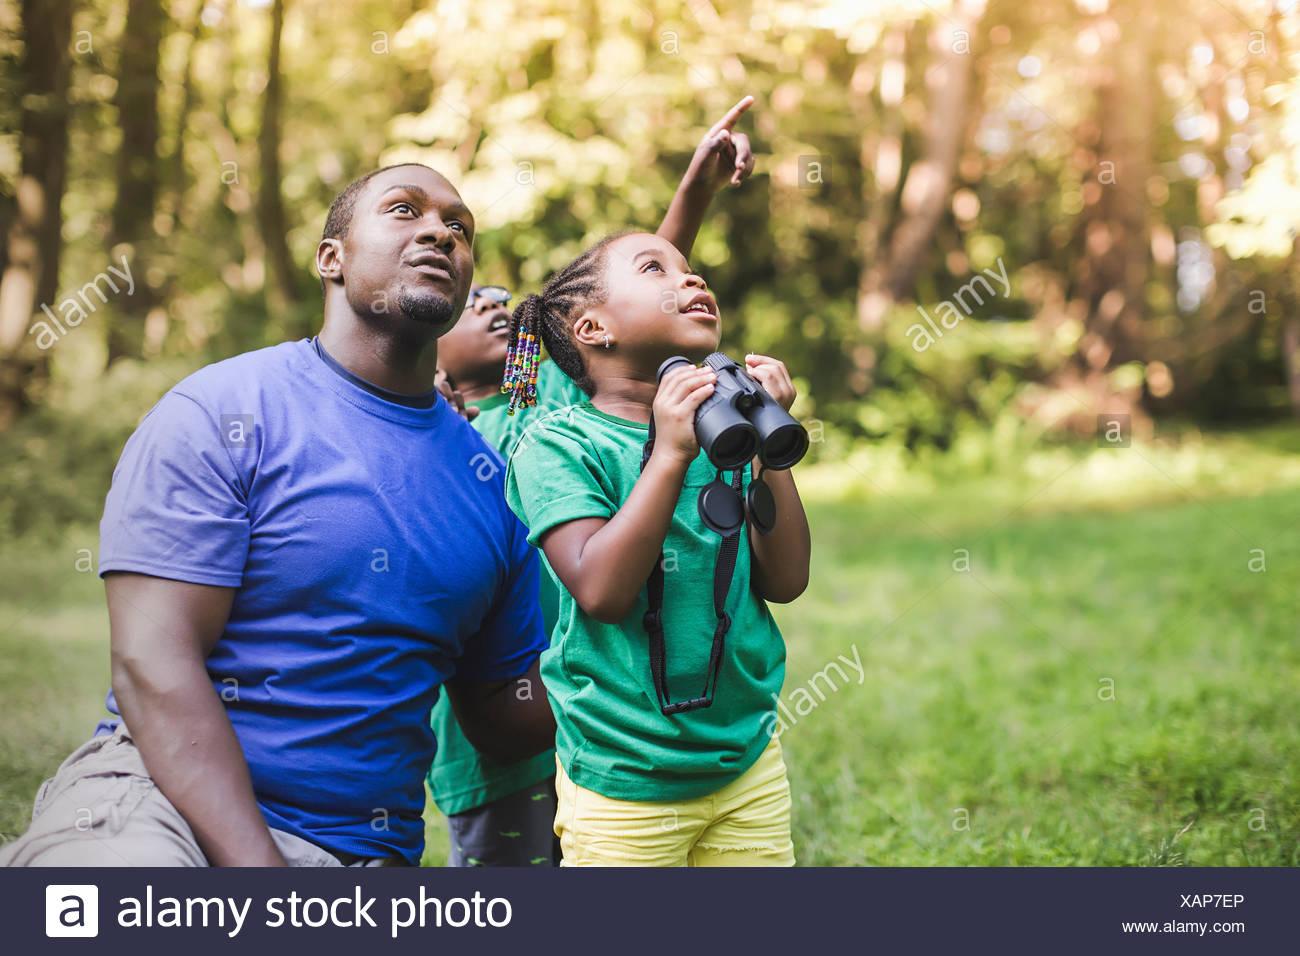 Jeune père avec son fils et sa fille l'observation des oiseaux en eco forest camp Photo Stock